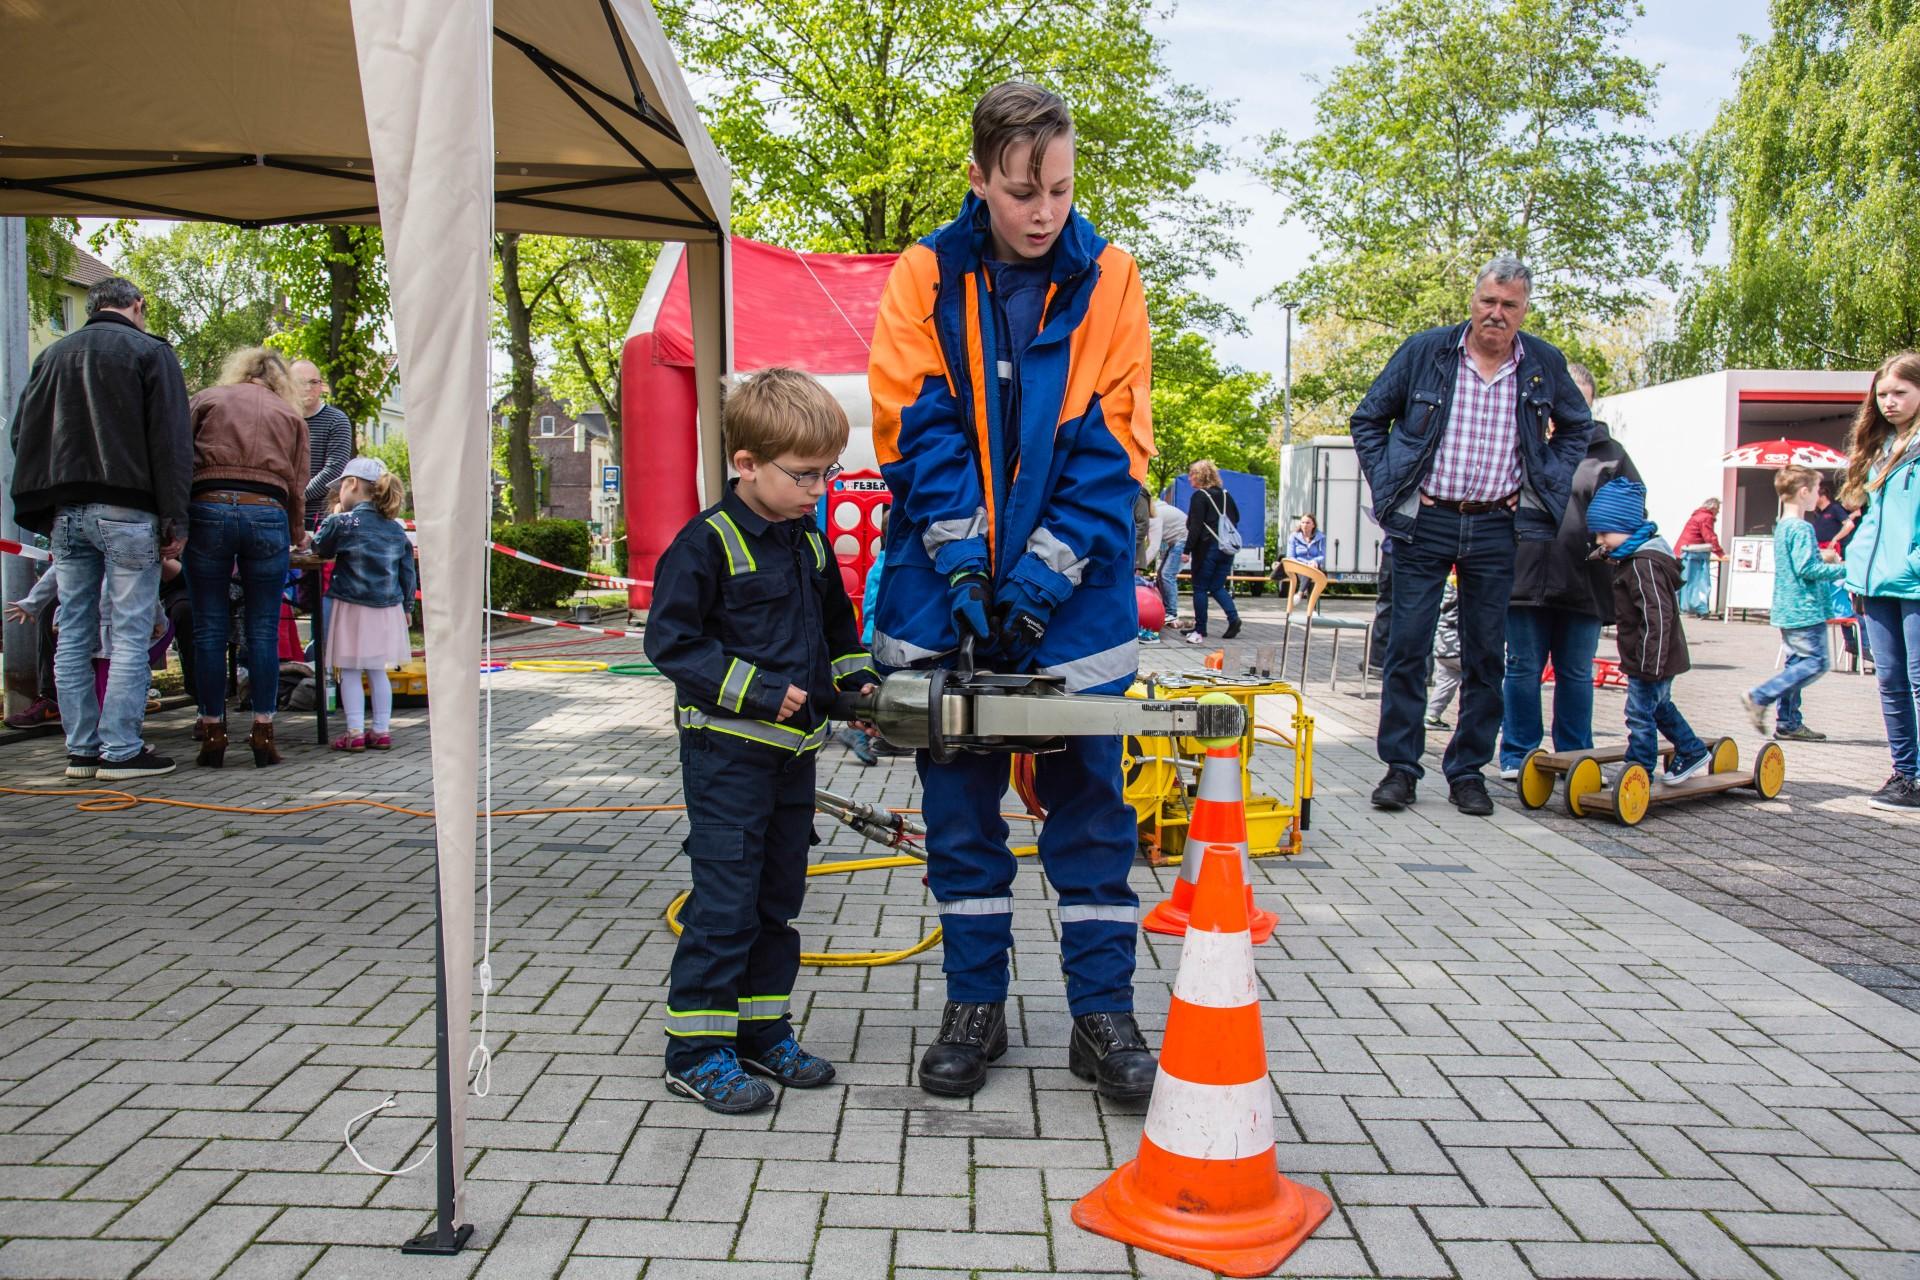 Am Spreizer, einem Bergungsinstrument der Feuerwehr, mussten die Kinder neben Geschicklichkeit auch Feingefühl beim Umsetzen eines Tennisballes beweisen. (Foto: P. Gräber - Emscherblog.de)